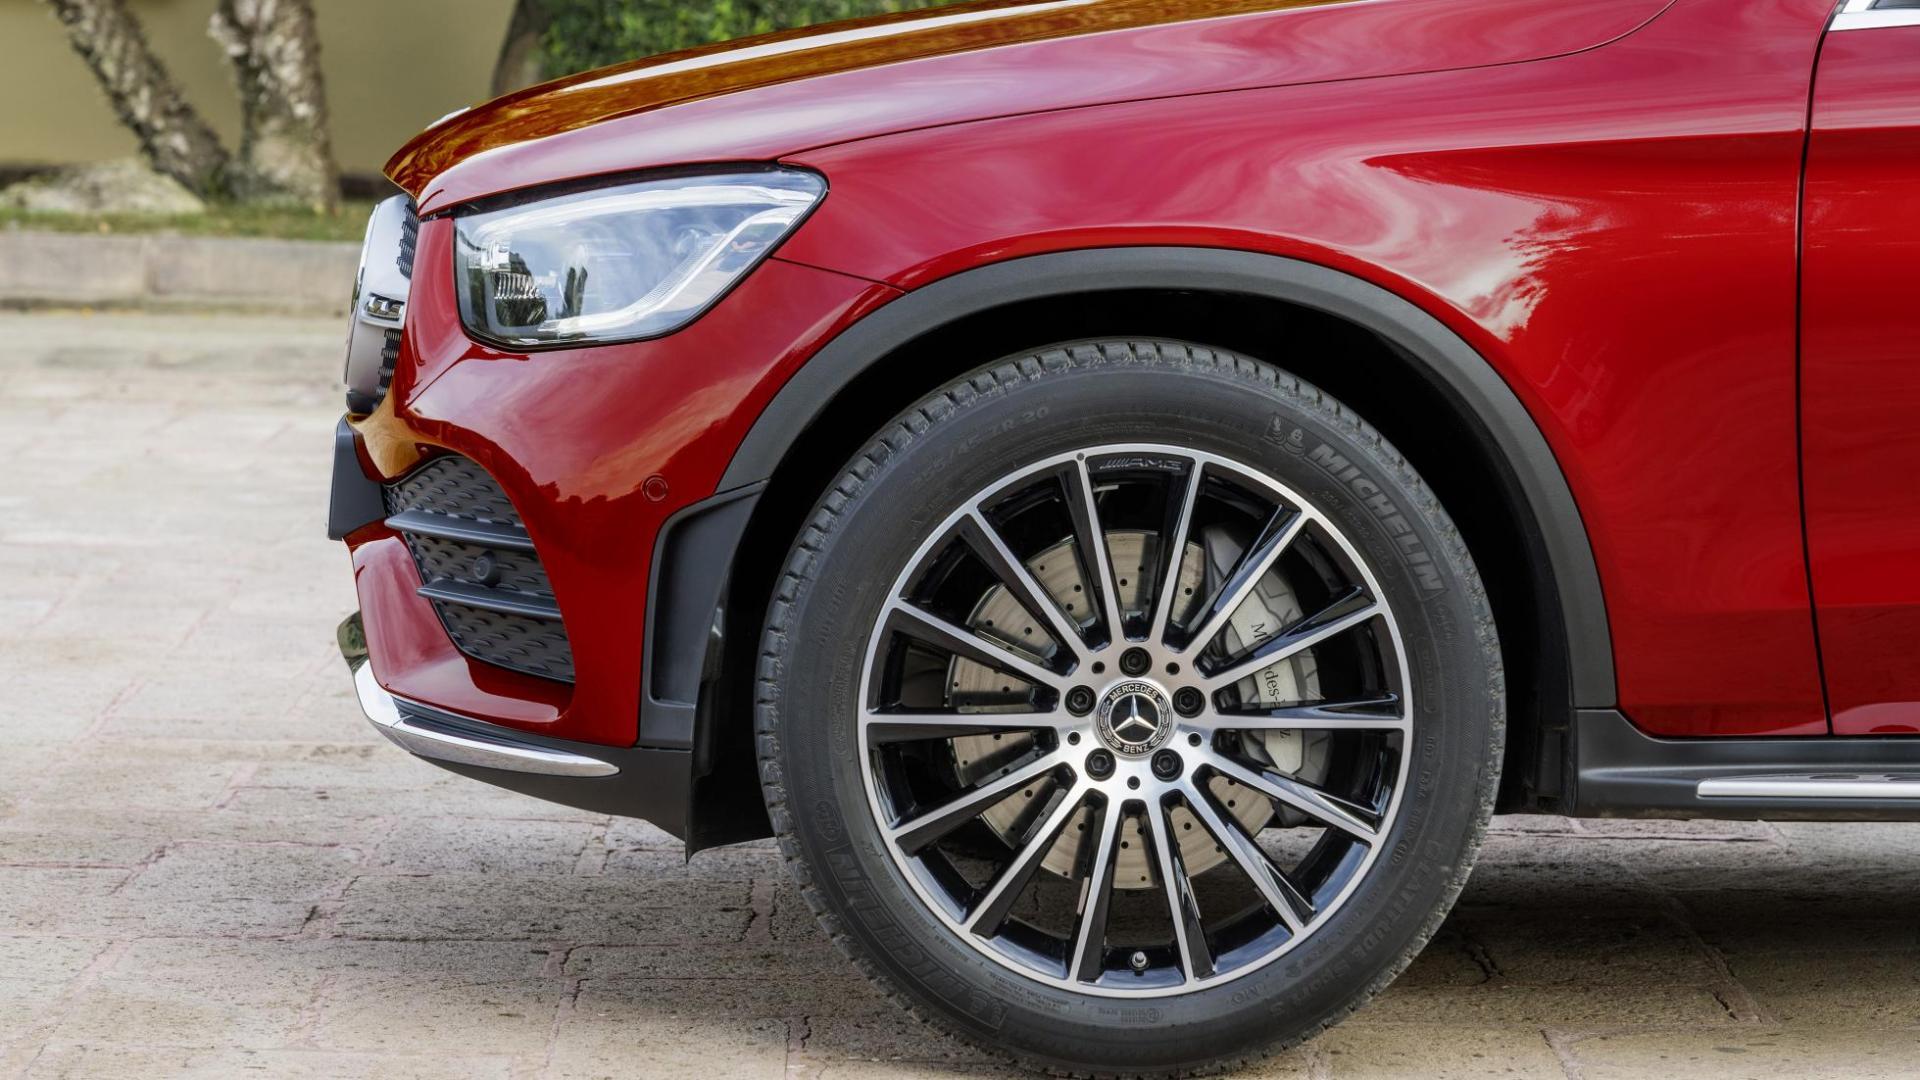 Mercedes GLC Coupé-facelift rood velg